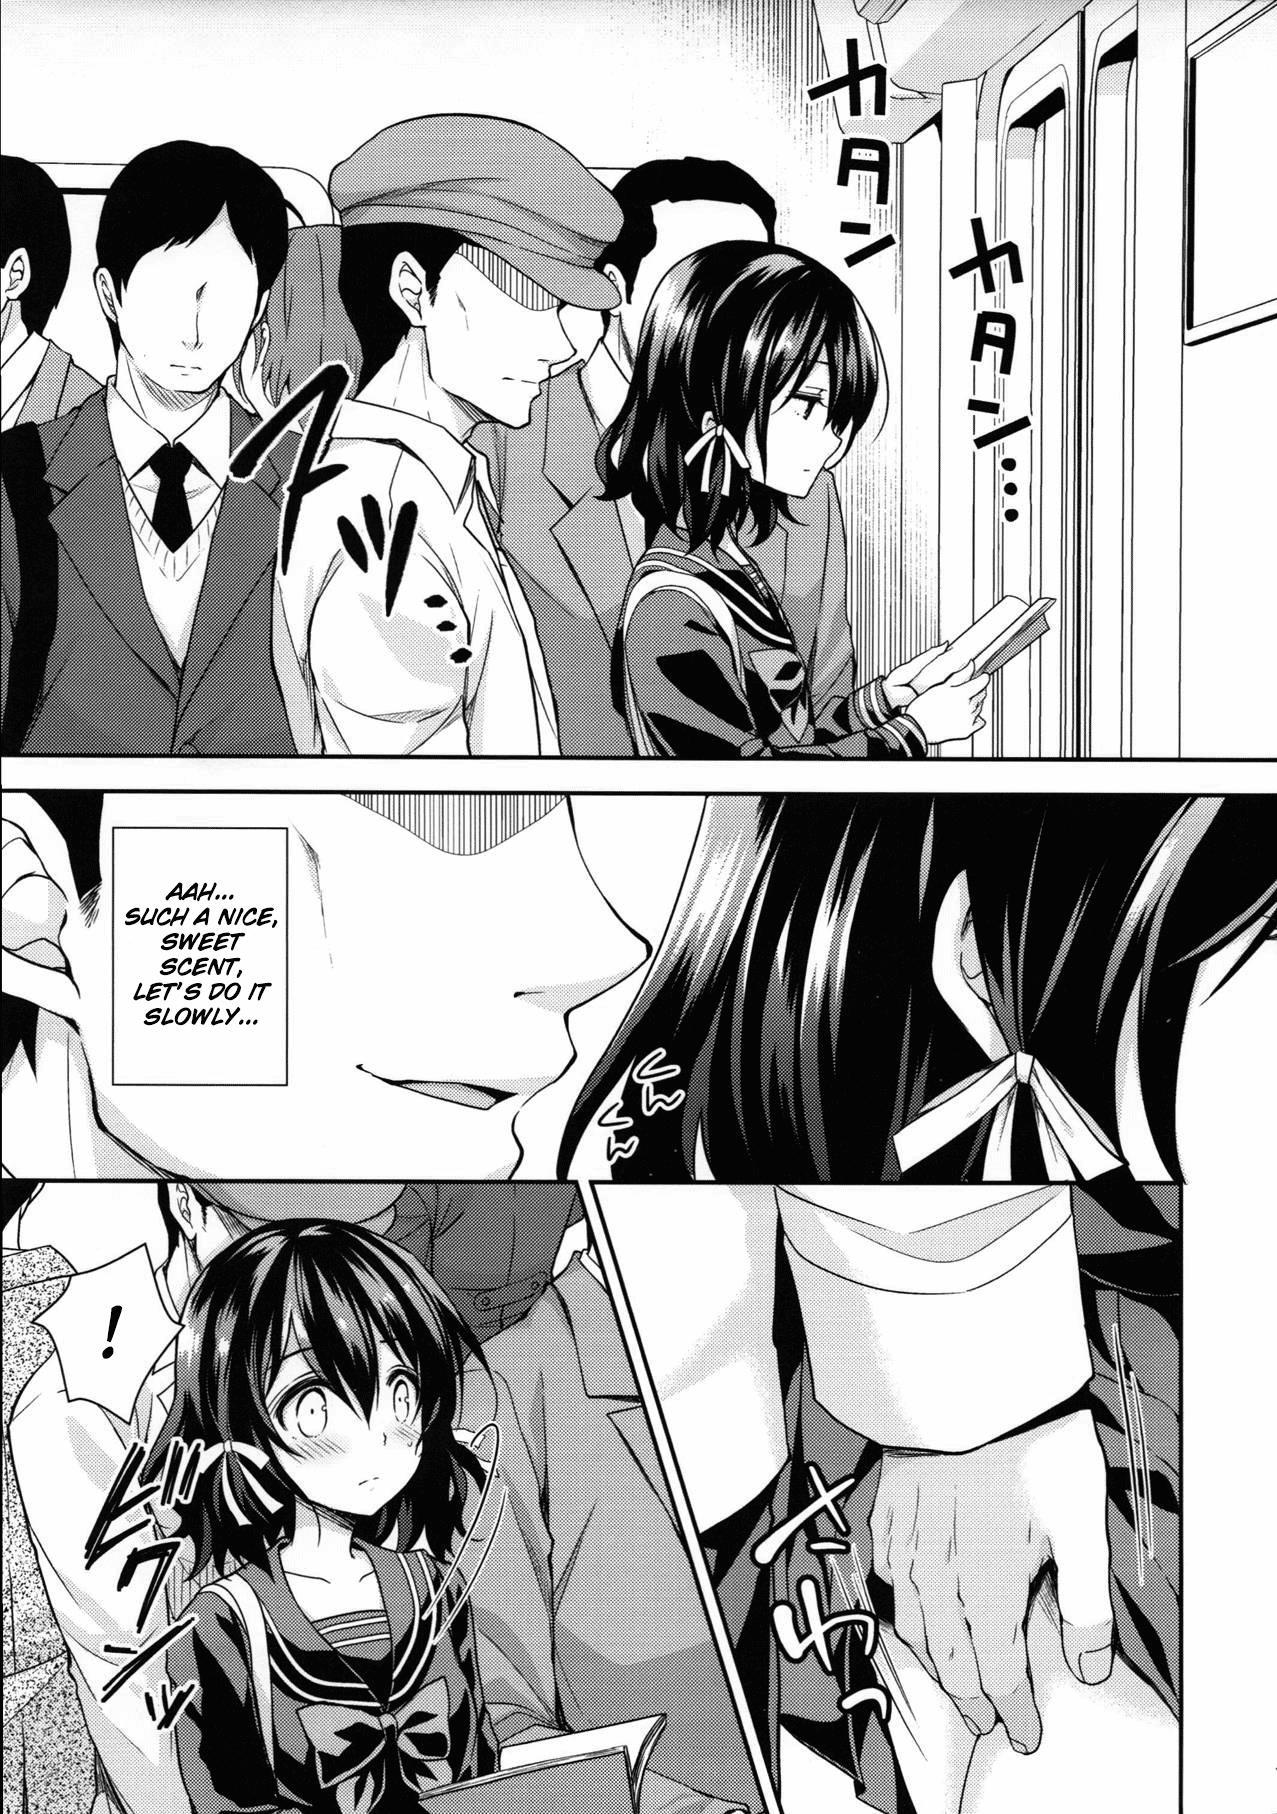 (COMIC1☆13) [Sugar*Berry*Syrup (Kuroe)] Chijoku no Chikan Densha 2 ~ Nerawareta Jukensei ~| Shameless Train Molester 2 ~Pursued Examinee~ [English] [obsoletezero] 5